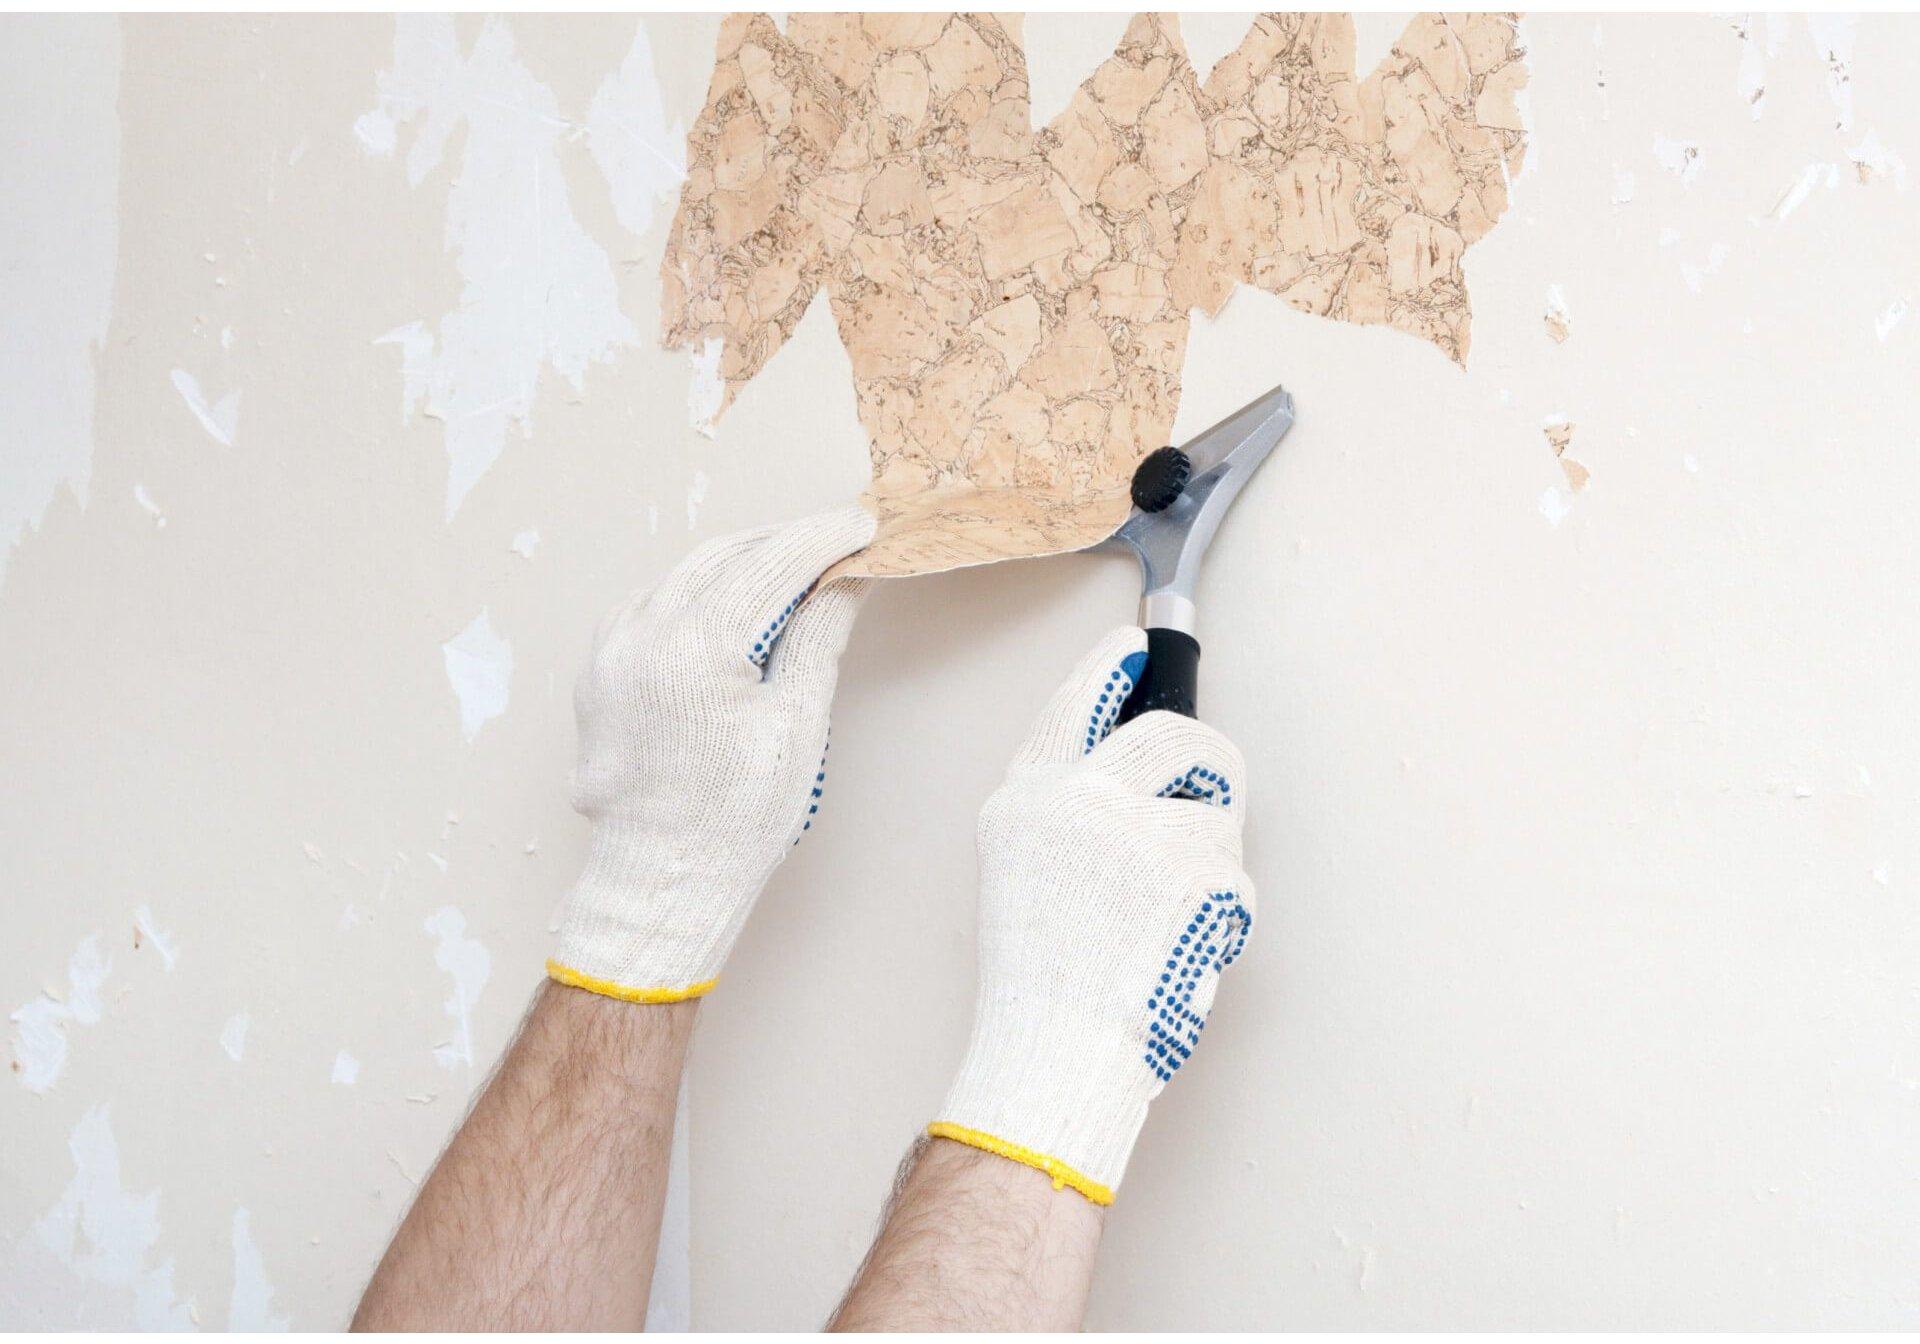 Как быстро снять старые обои со стен в домашних условиях 91